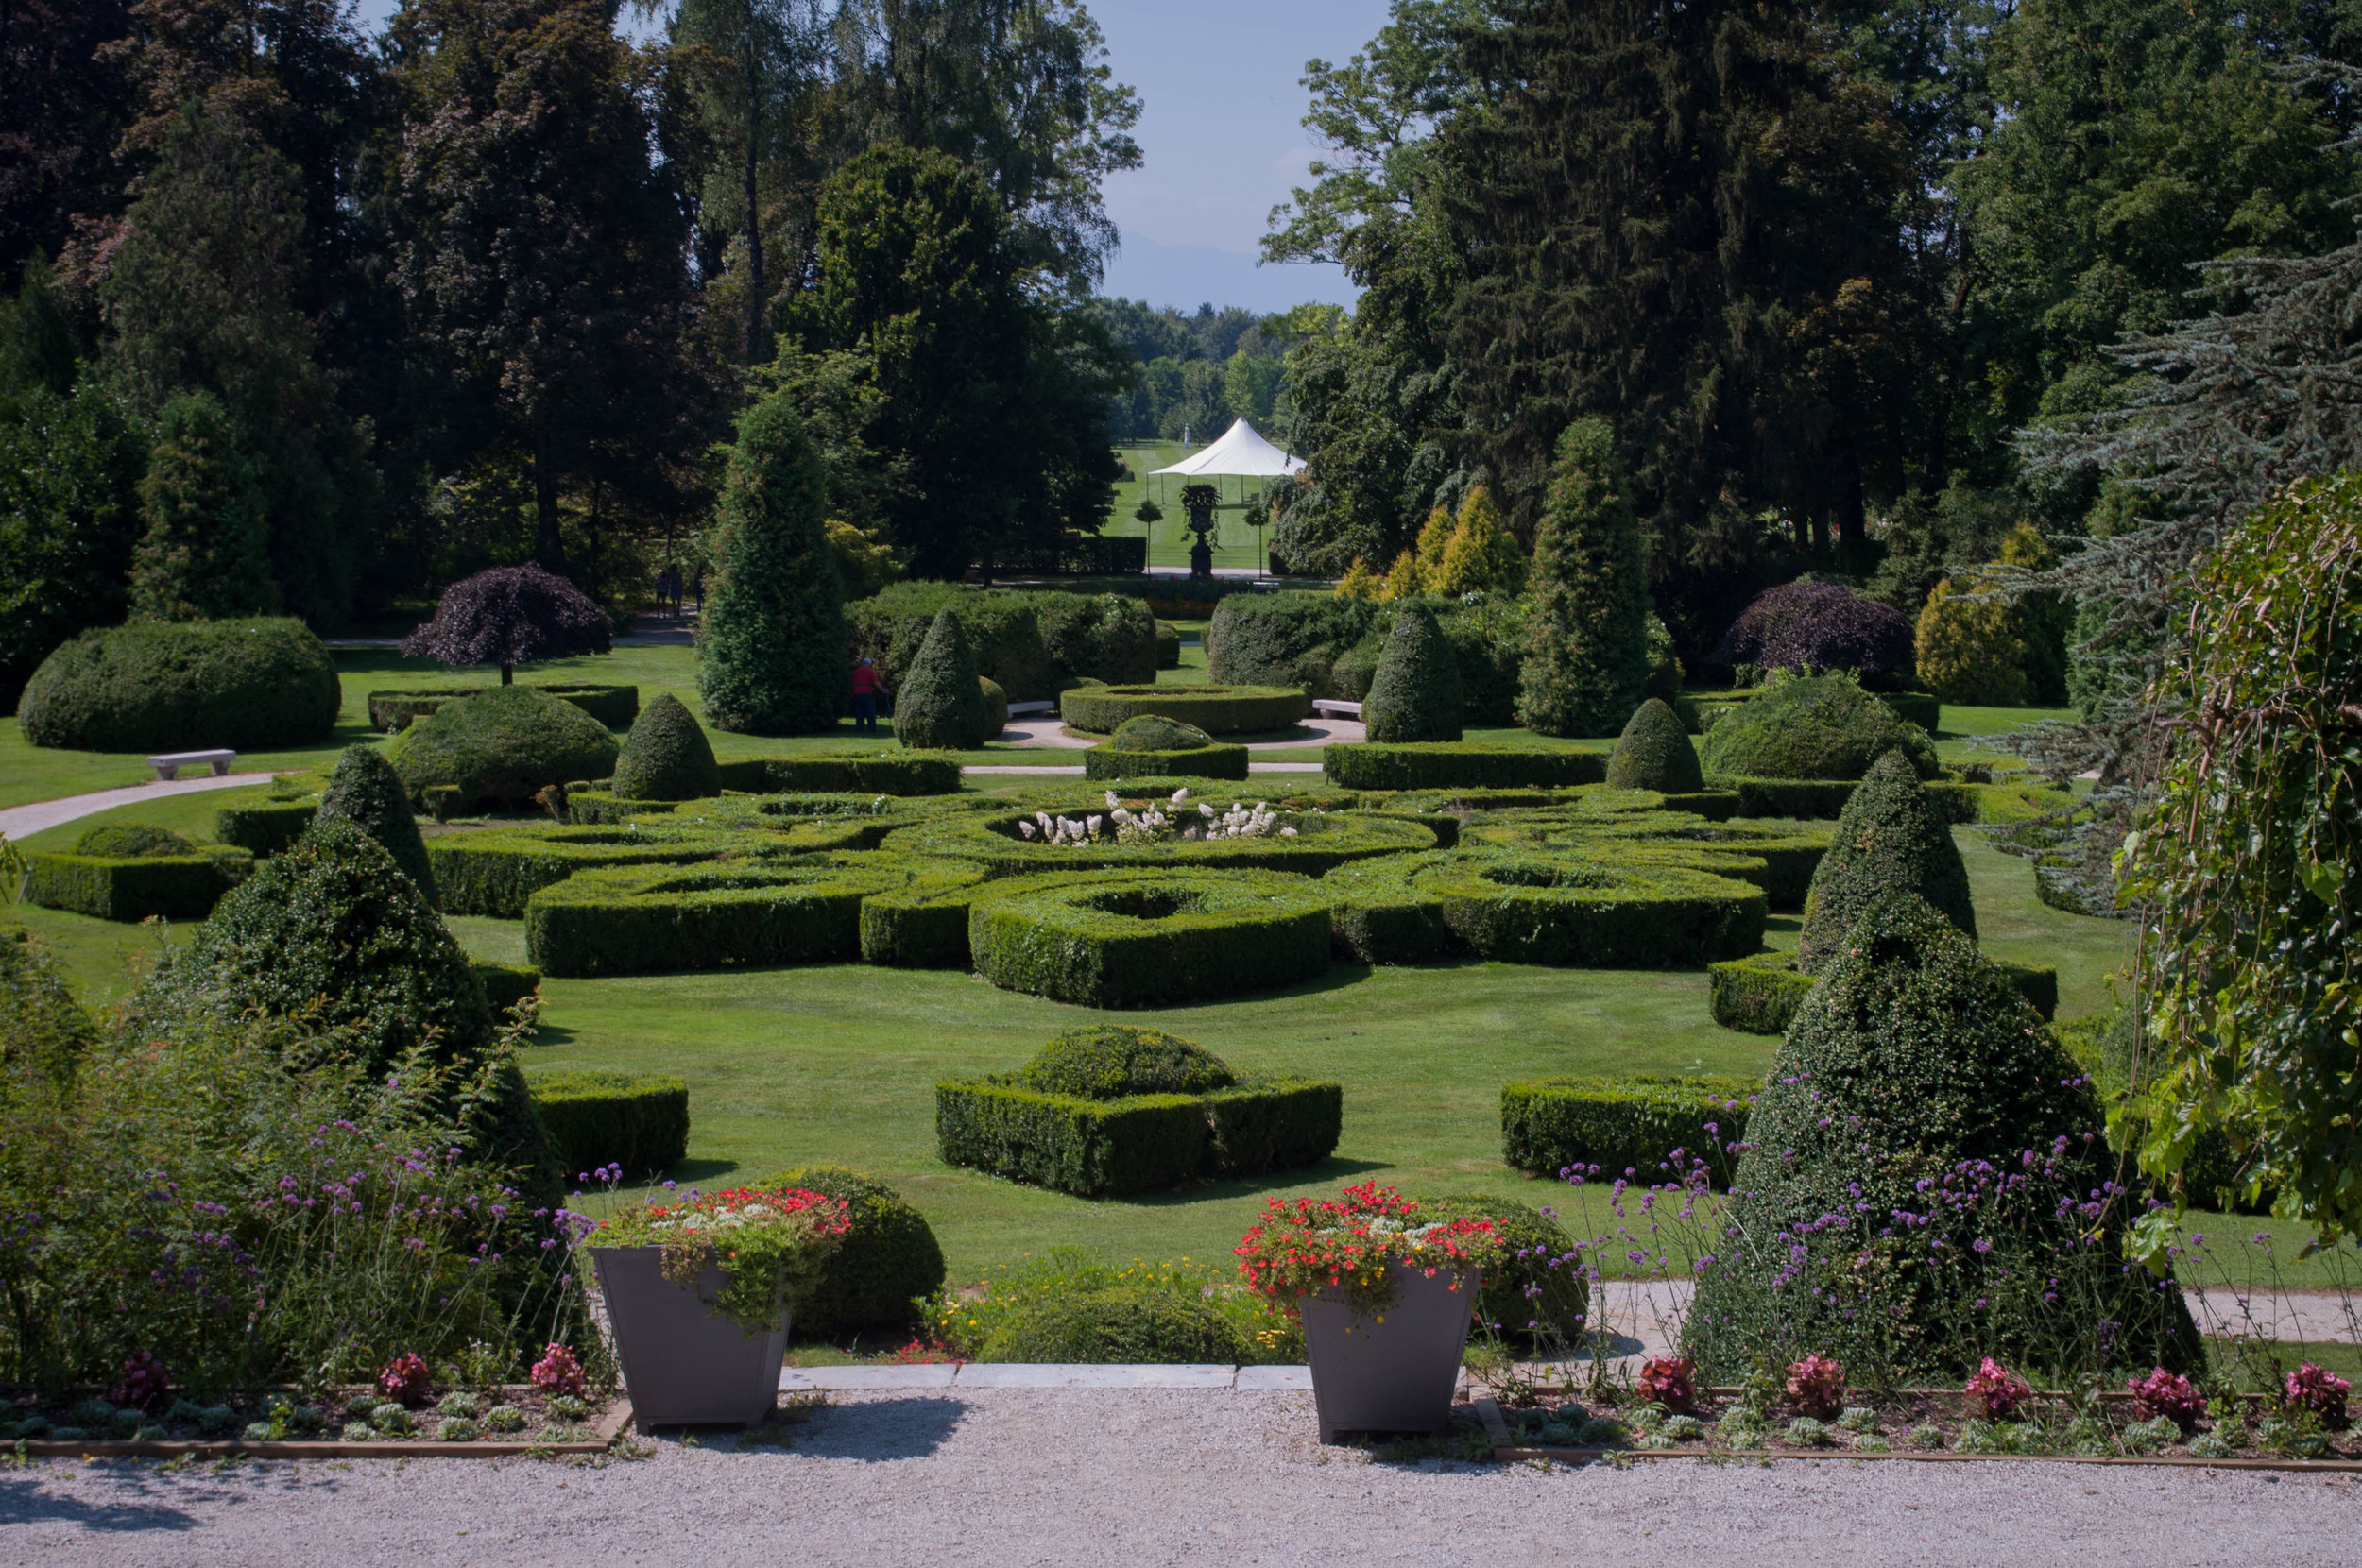 Arboretum, a day trip of Ljubljana